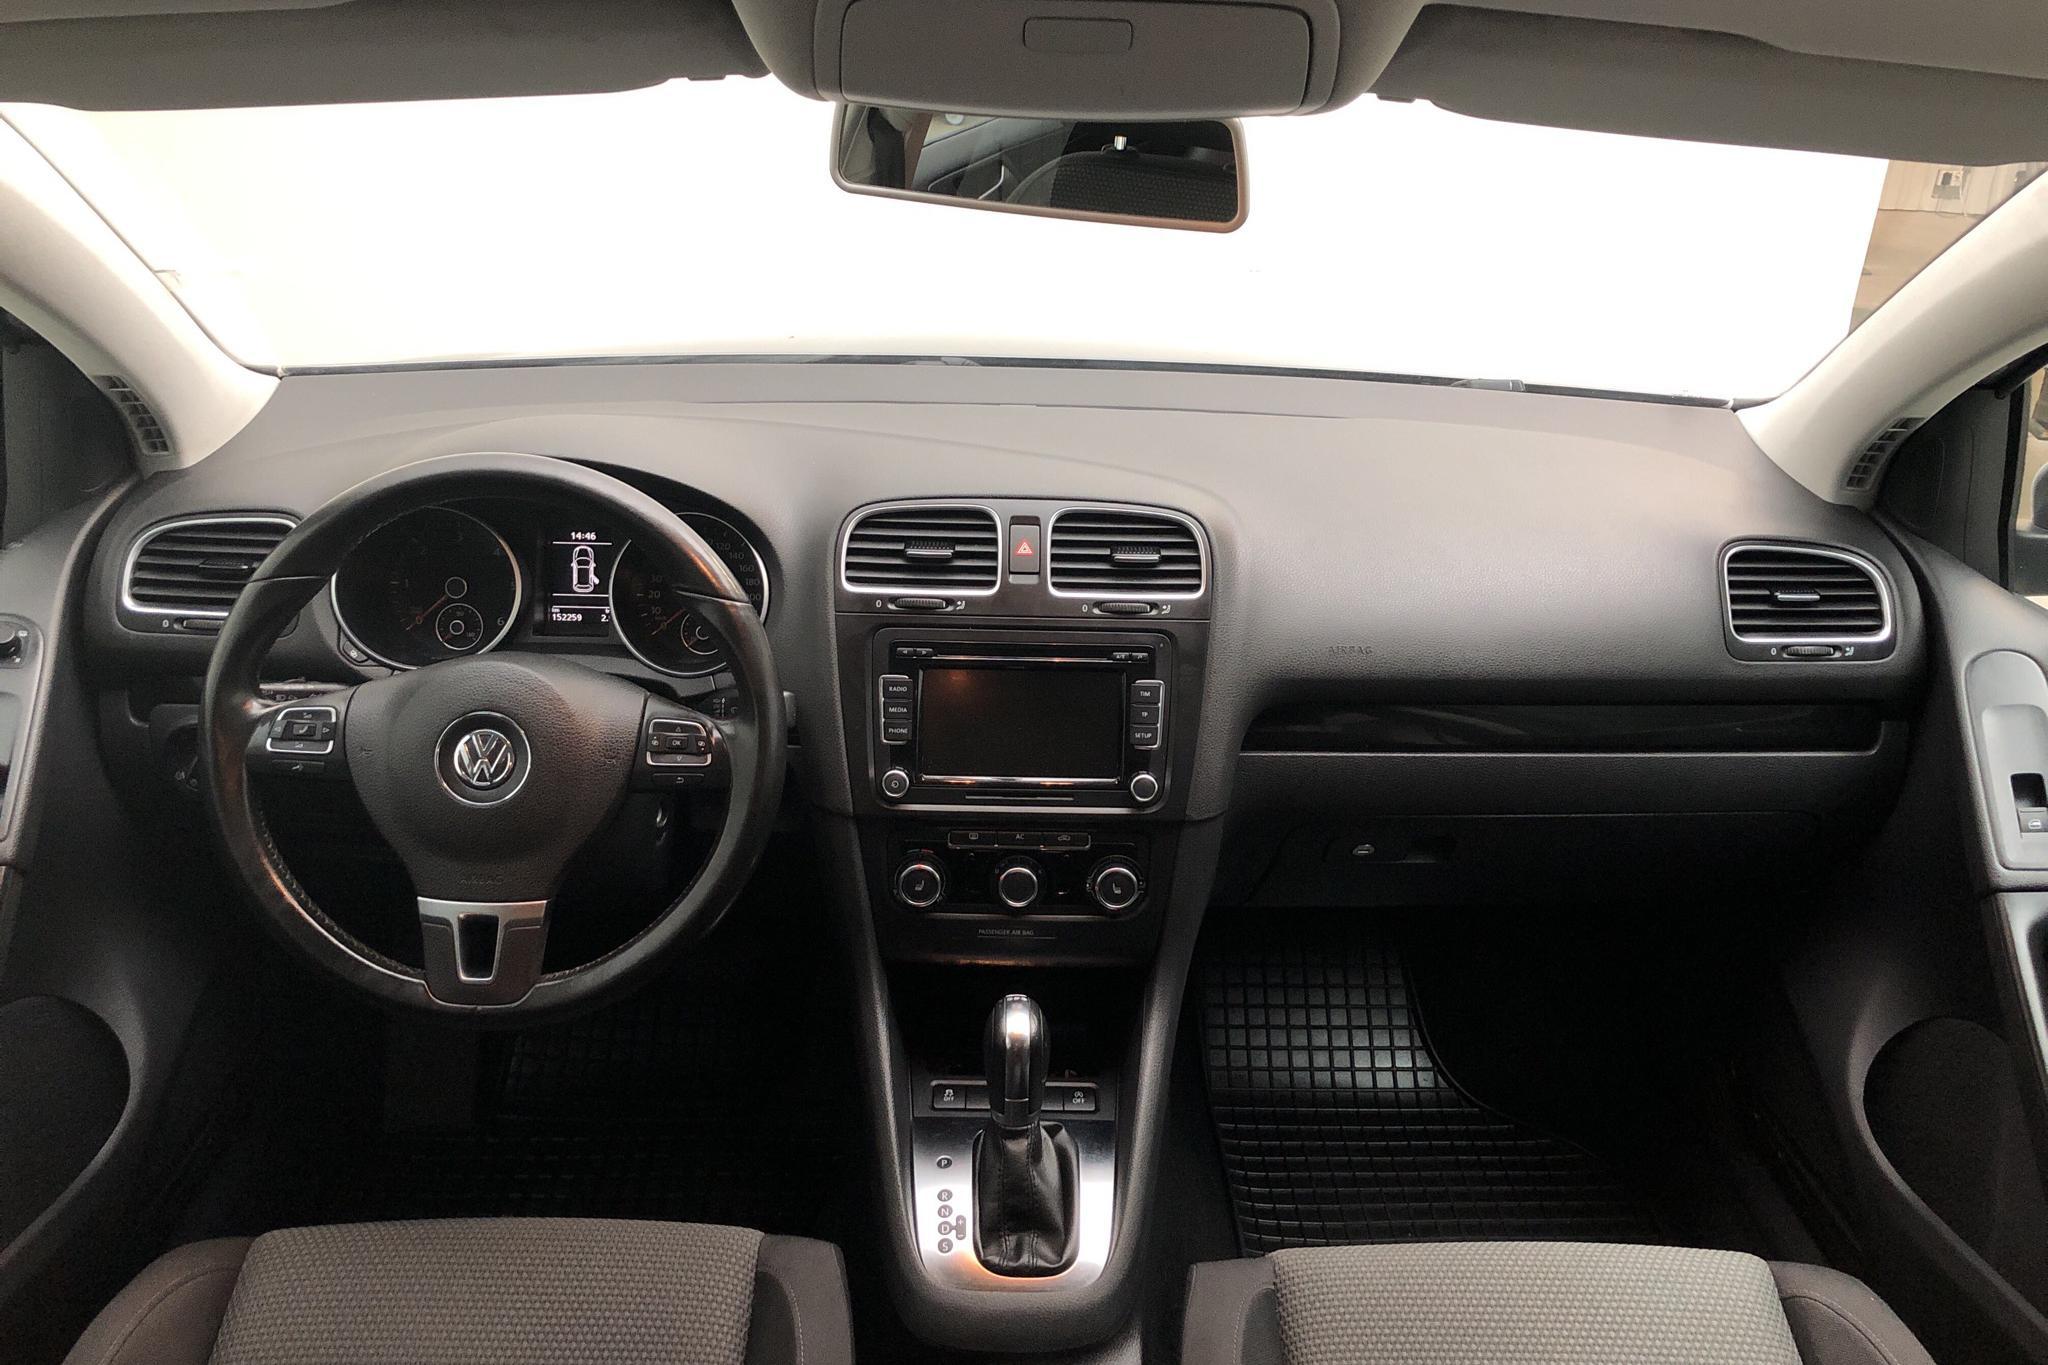 VW Golf VI 1.6 TDI BlueMotion Technology 5dr (105hk) - 15 256 mil - Automat - grå - 2012